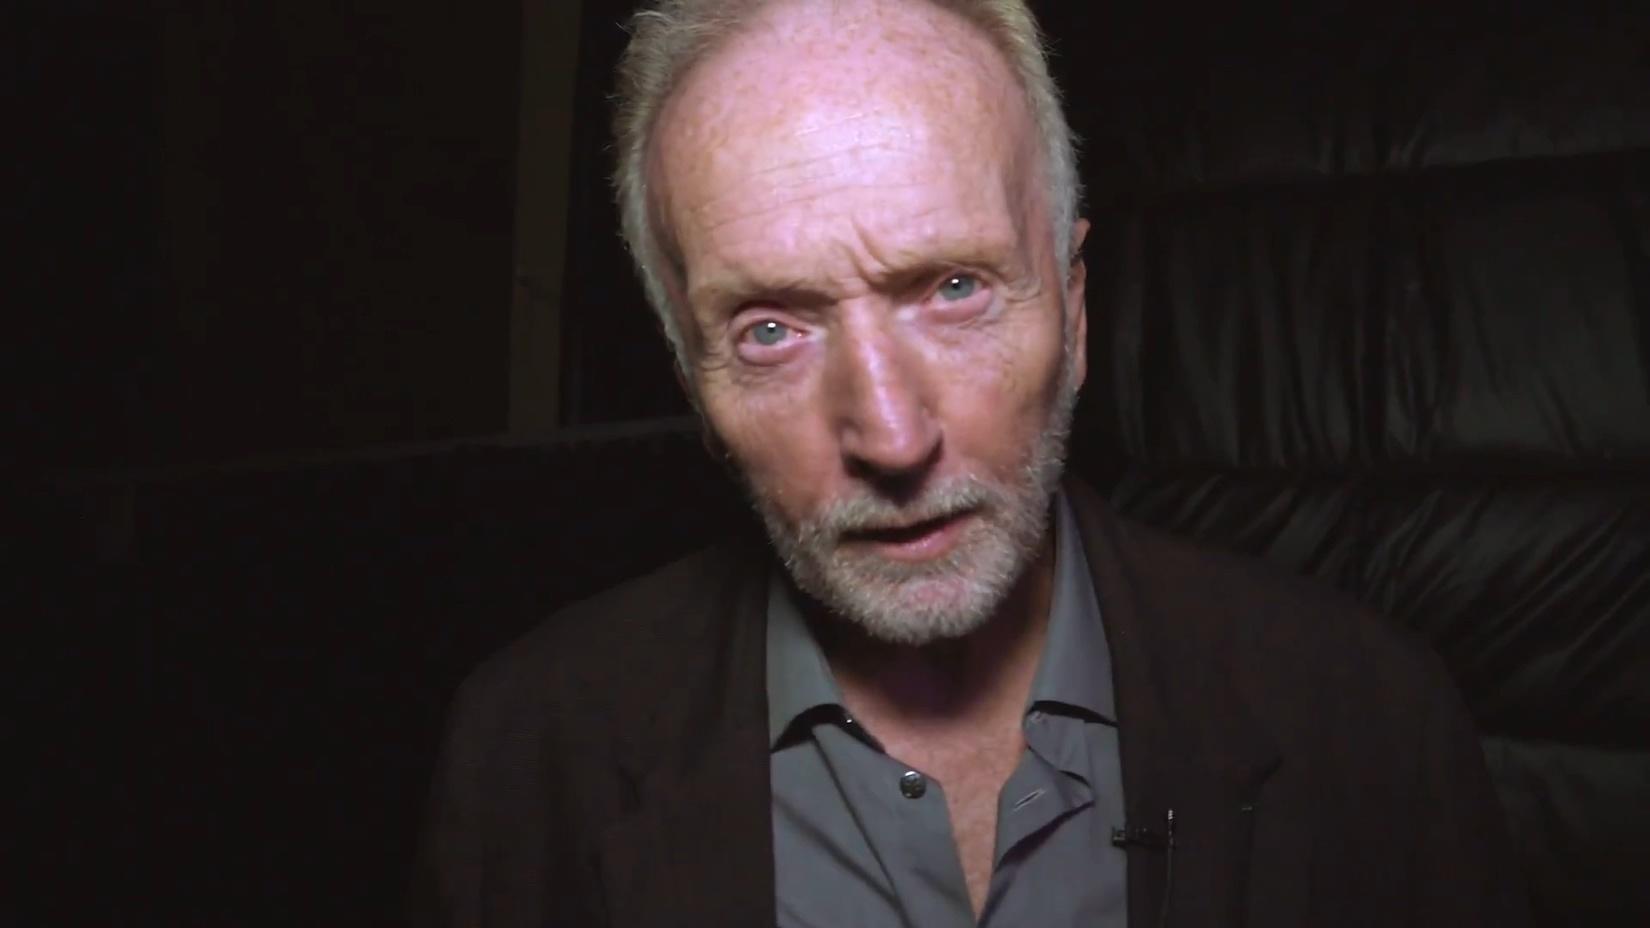 洛杉磯環球影城開設《電鋸驚魂》主題鬼屋,豎鋸老爺子本人進去體驗了一把